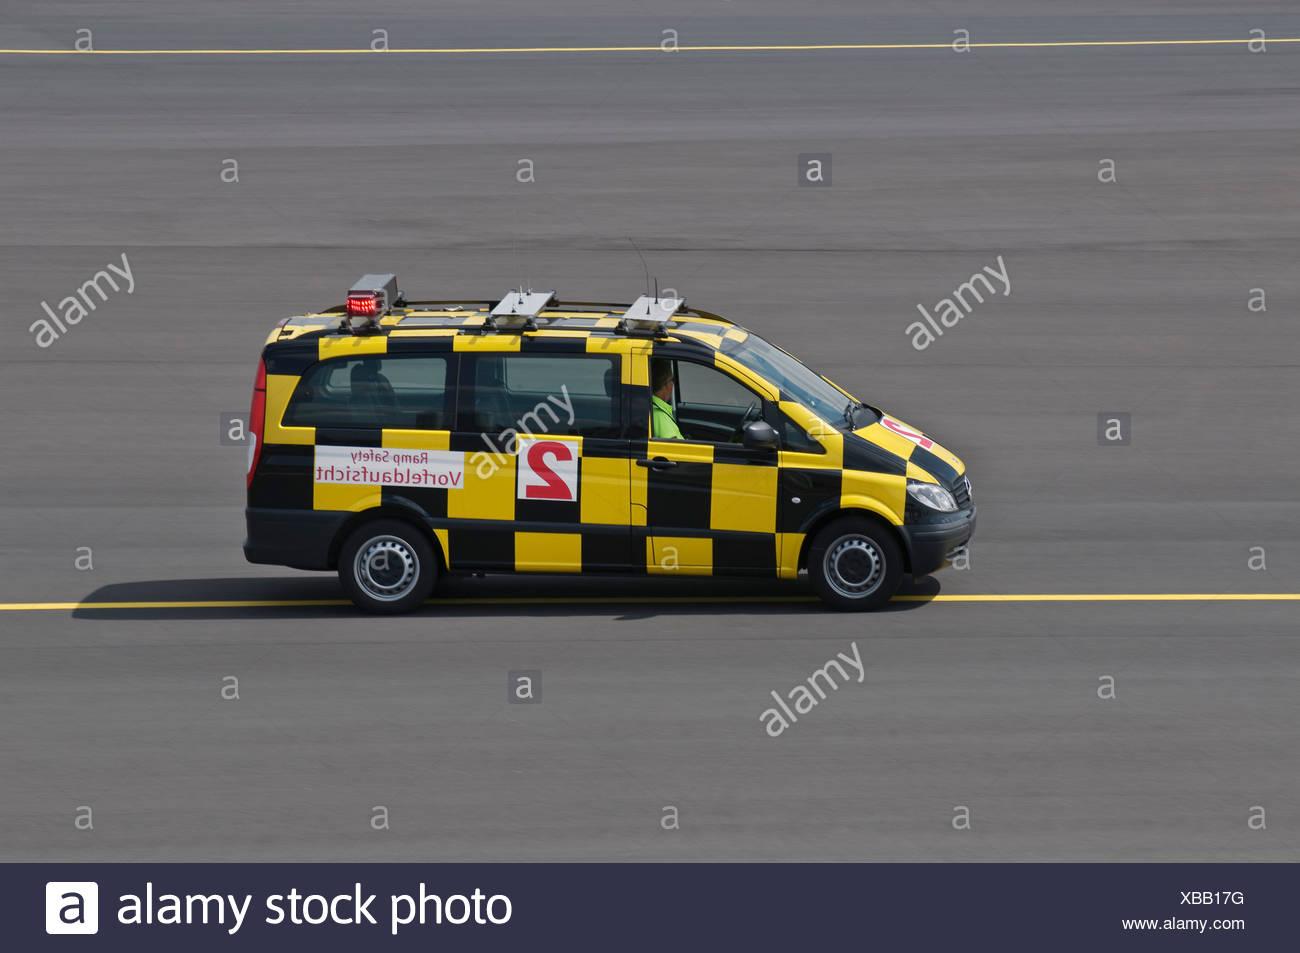 Fahrzeug von der Airport Authority, Flughafen Düsseldorf International, Düsseldorf, Nordrhein-Westfalen, Deutschland, Europa Stockbild